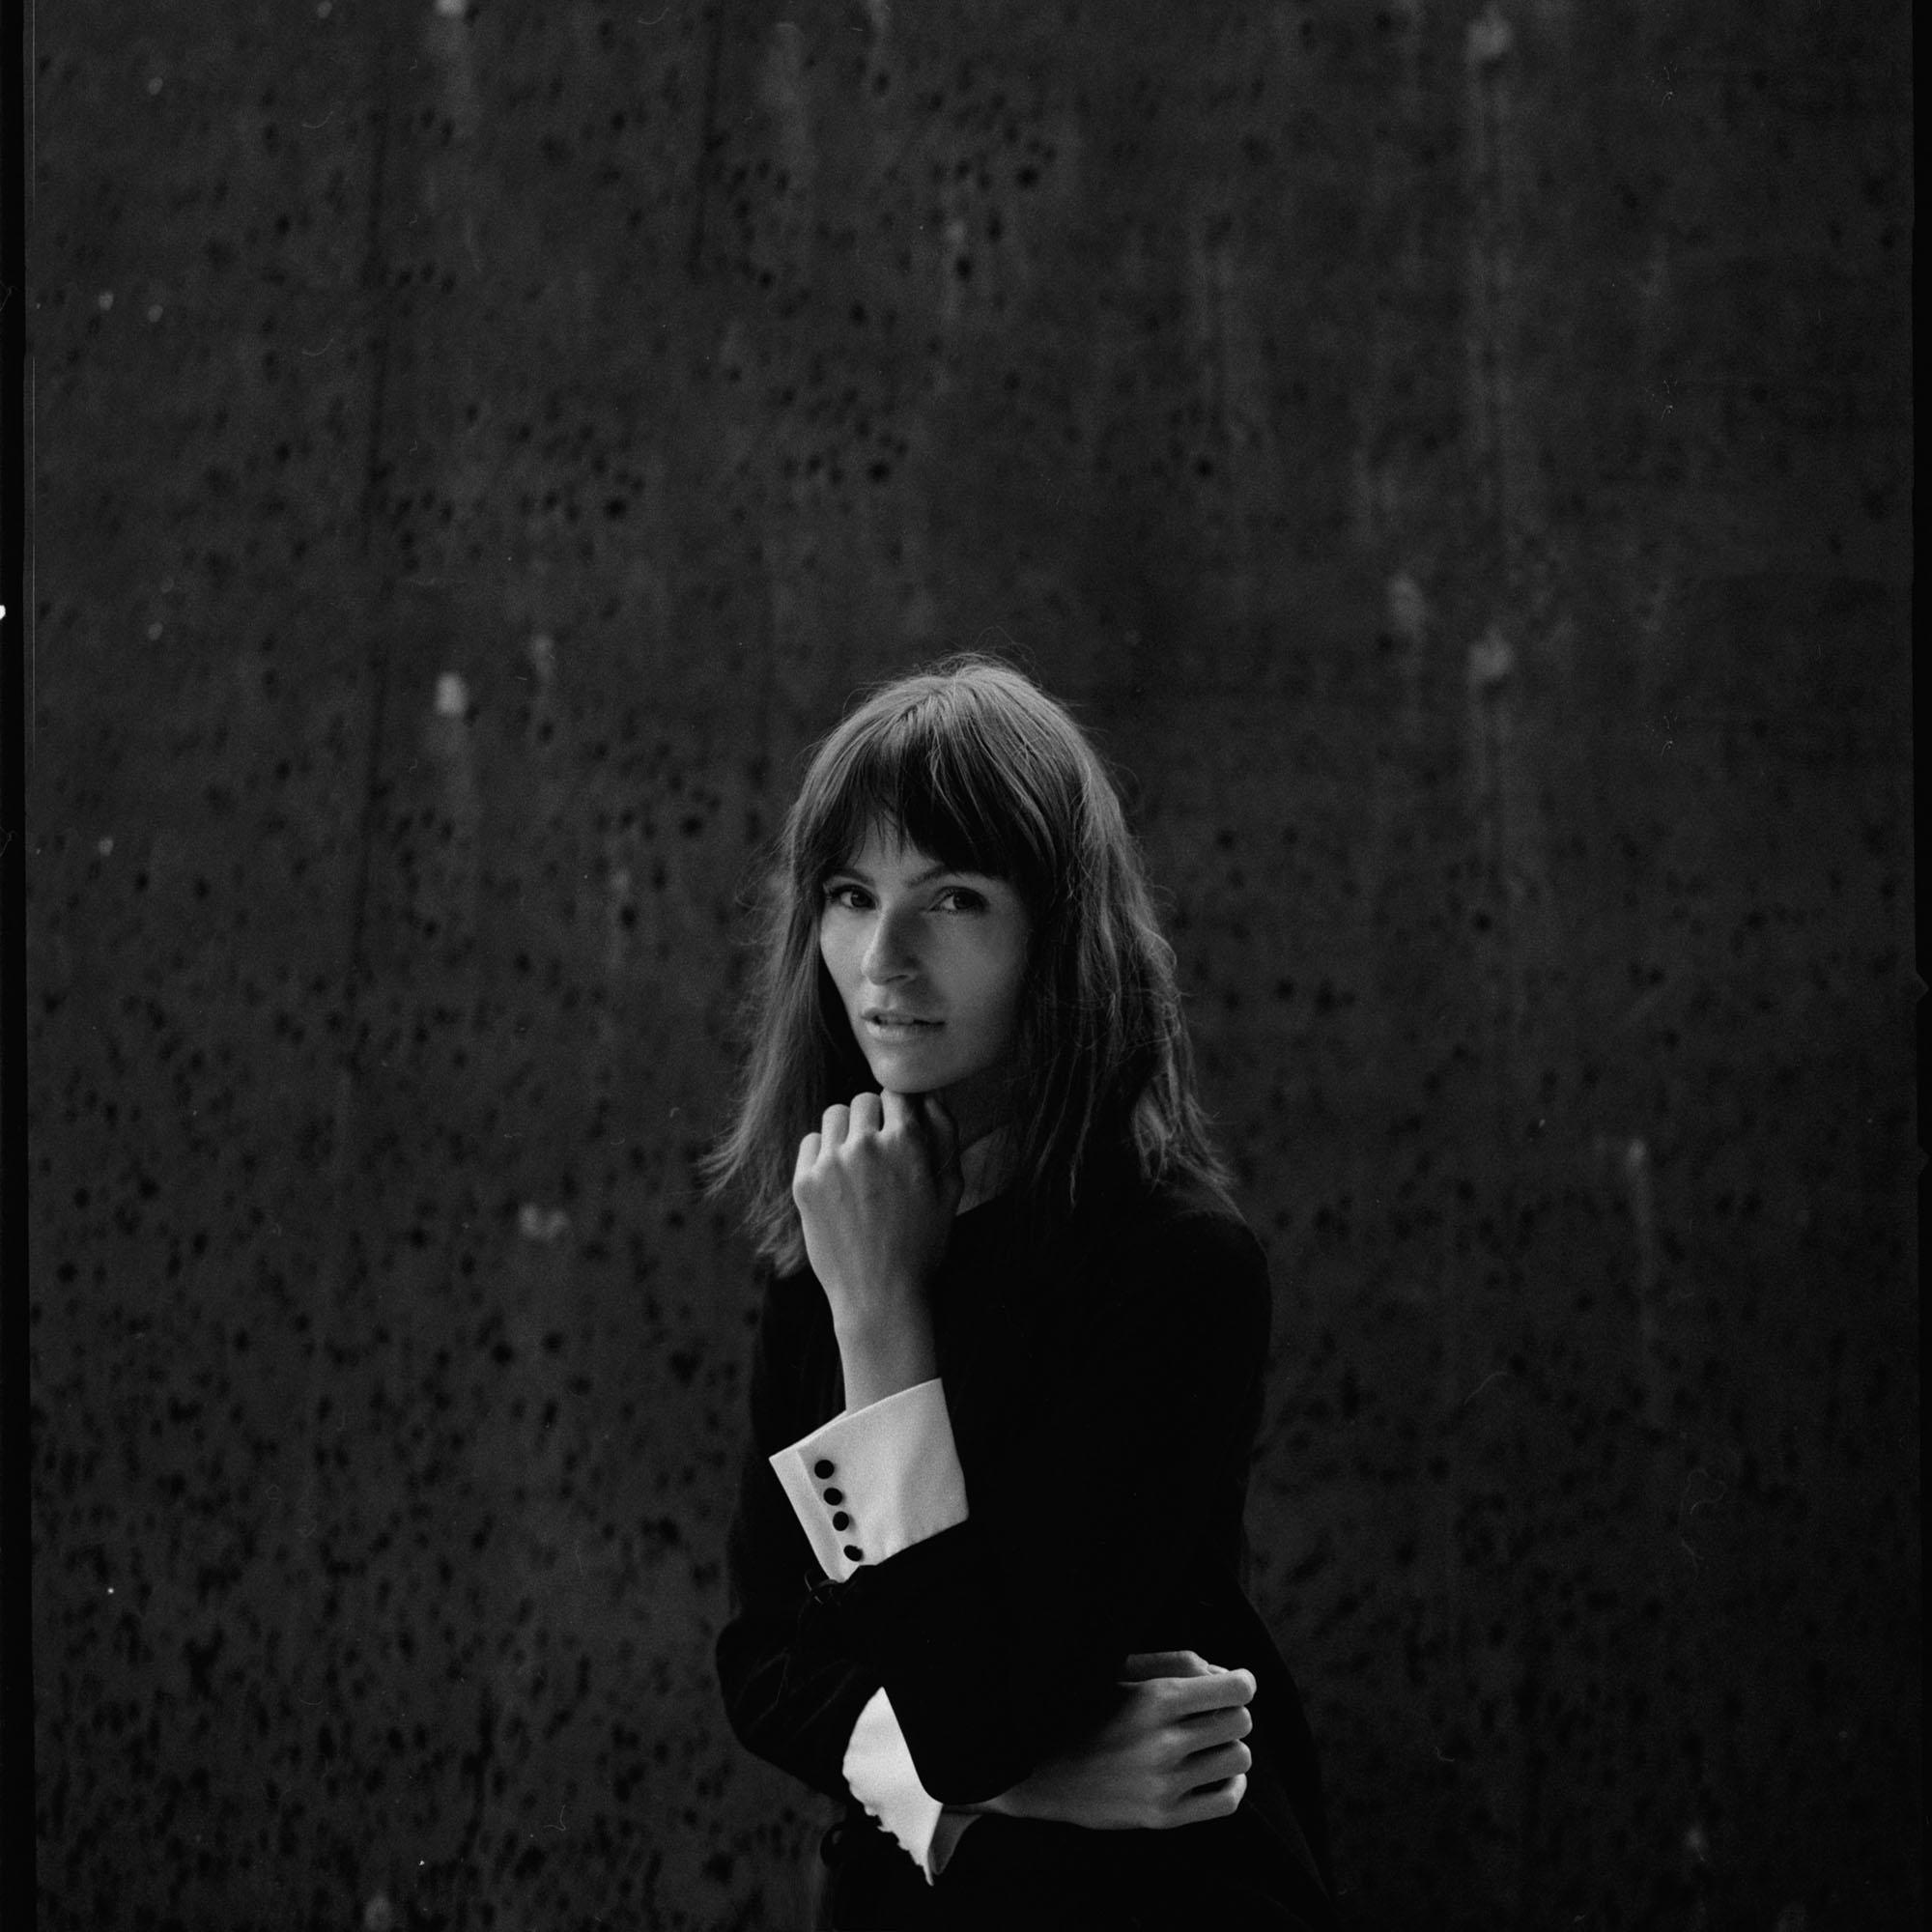 liliana pham cesky fotograf